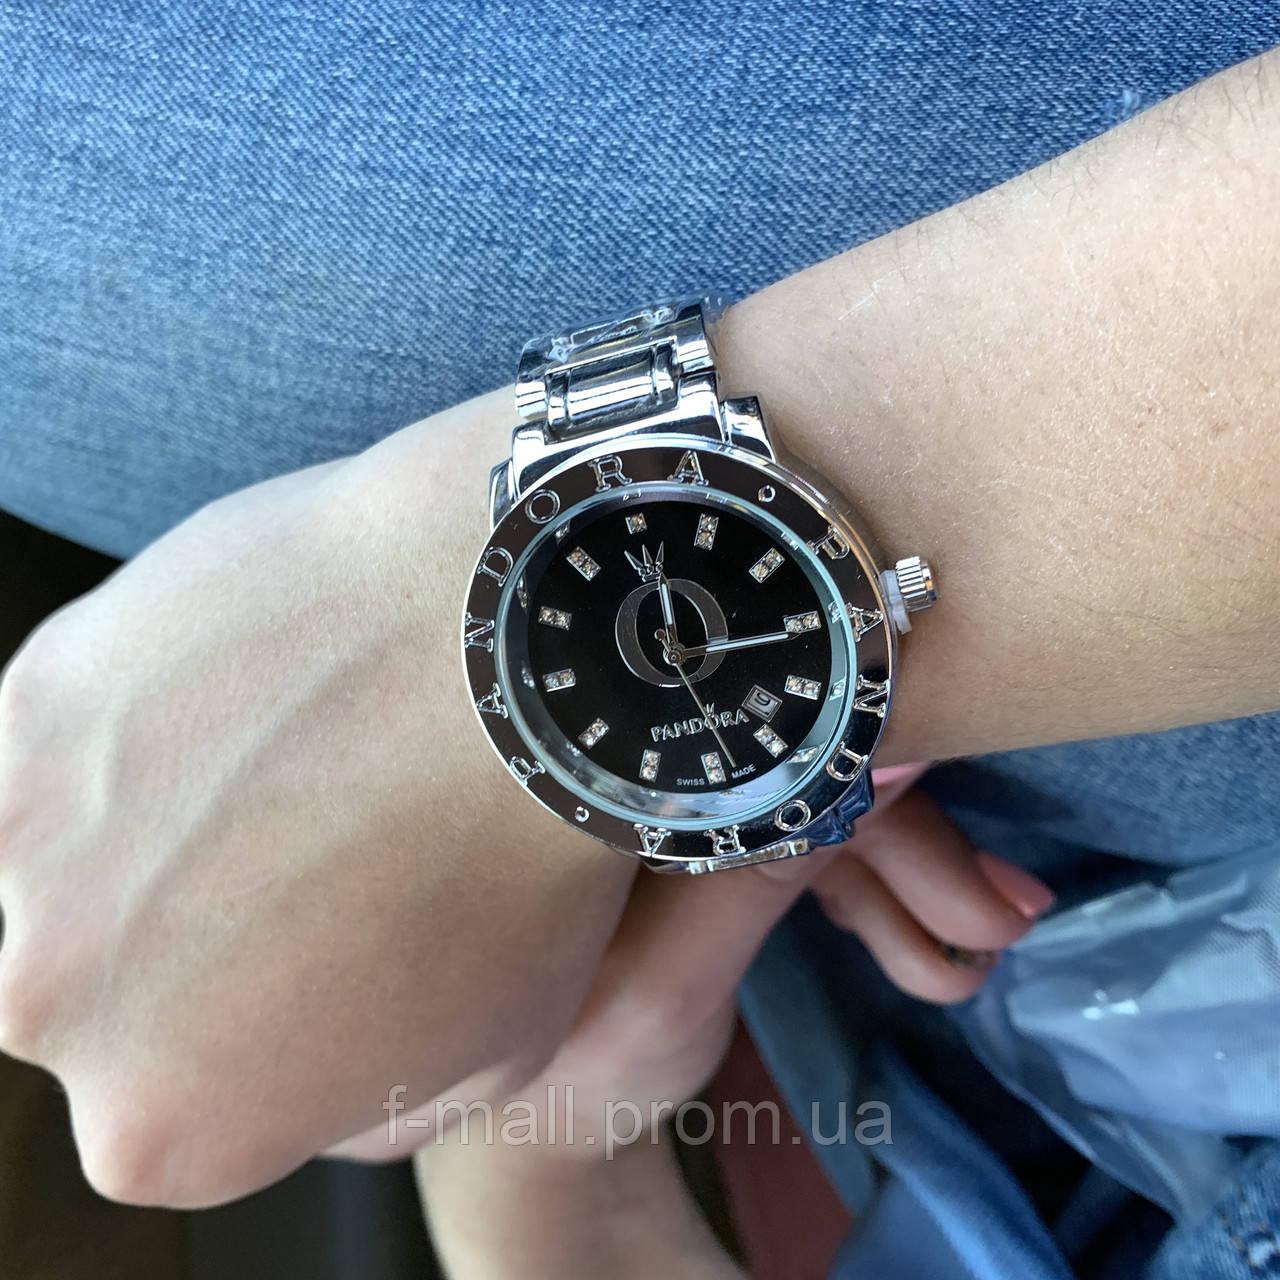 Женские наручные часы Pandora черный циферблат(реплика)